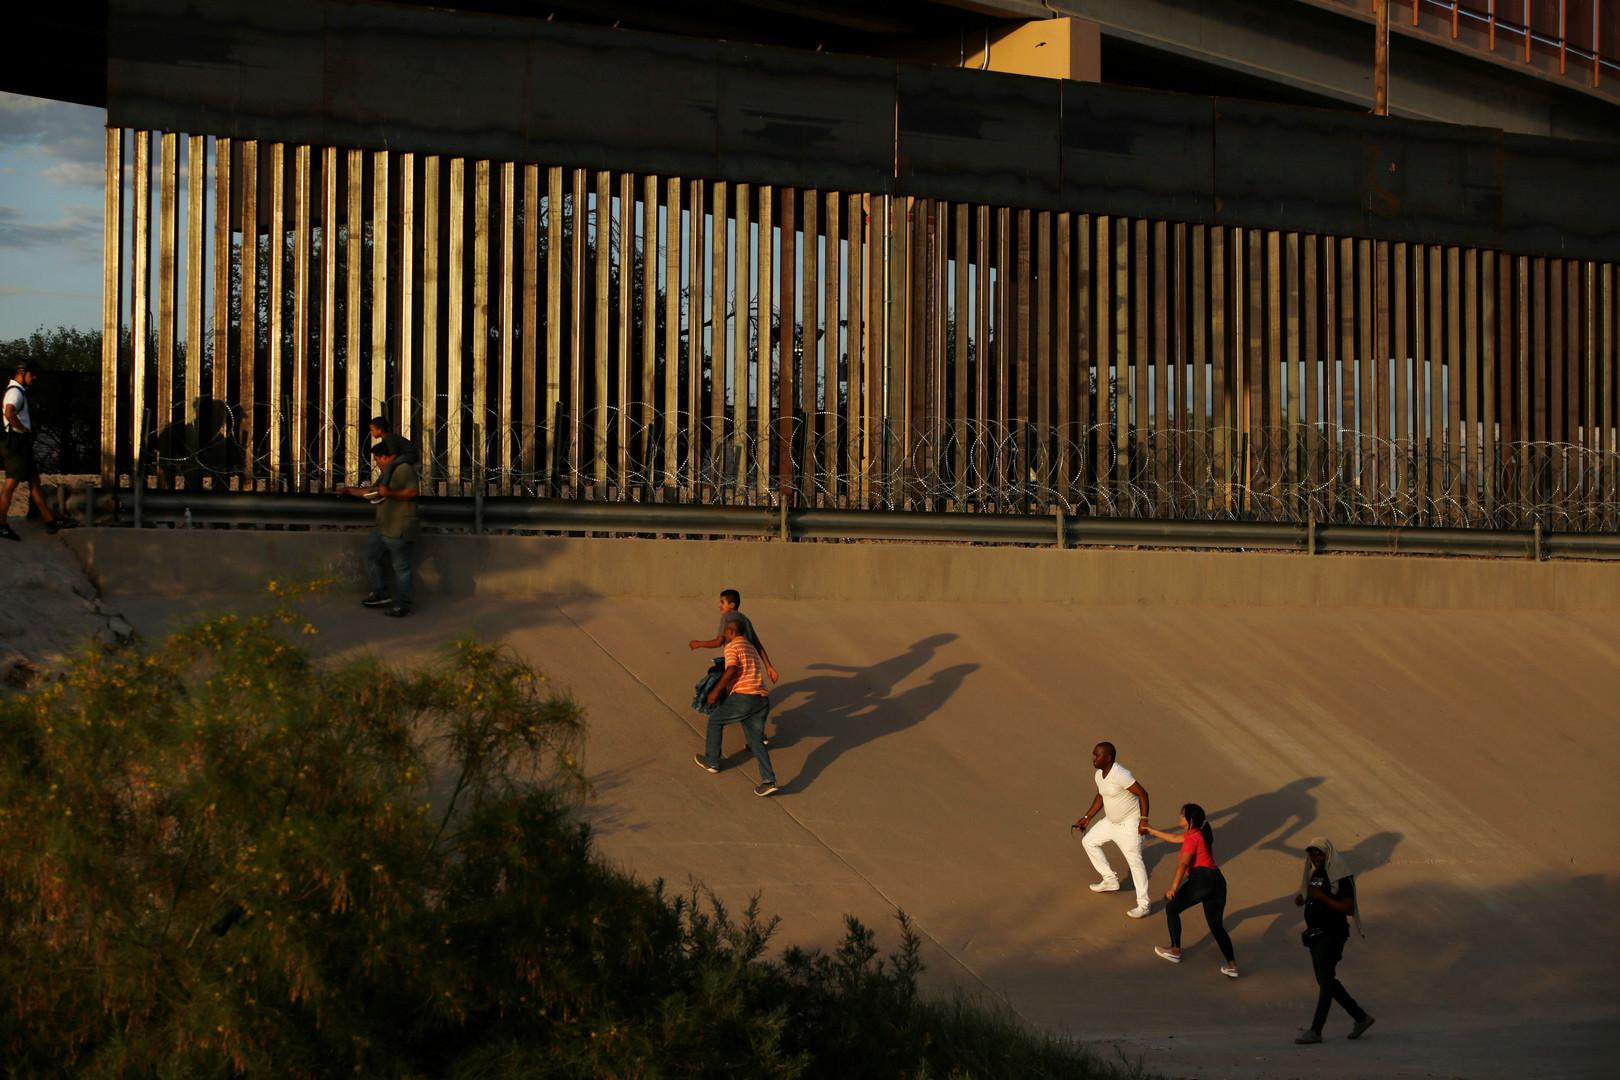 وسائل إعلام: البنتاغون يوافق على بناء 32 كيلومترا إضافيا من الجدار على الحدود مع المكسيك